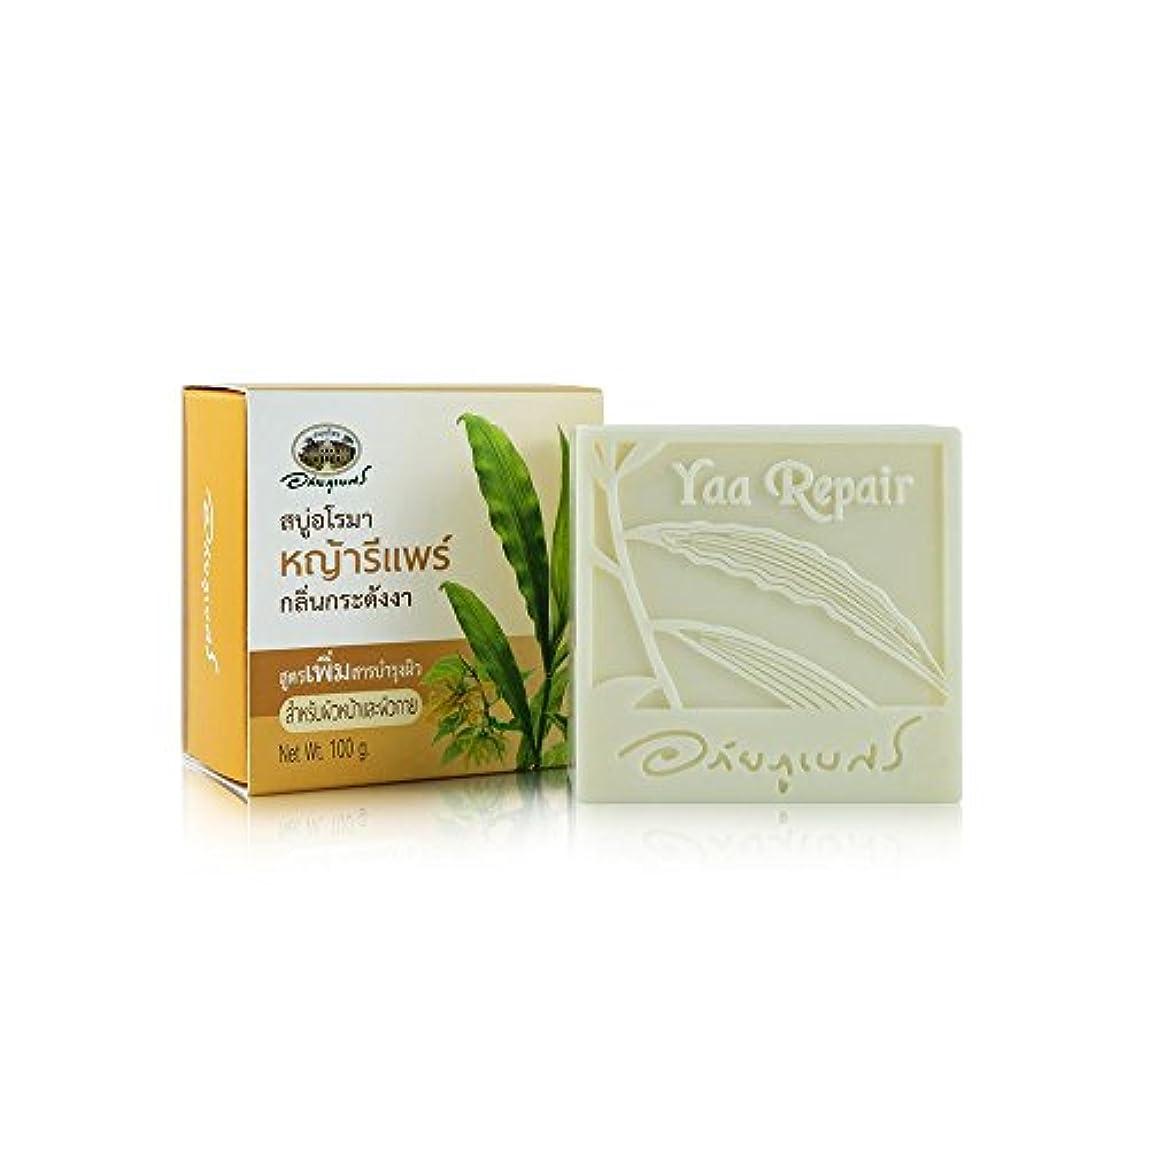 地平線リングバック検出Abhaibhubejhr Thai Aromatherapy With Ylang Ylang Skin Care Formula Herbal Body Face Cleaning Soap 100g.